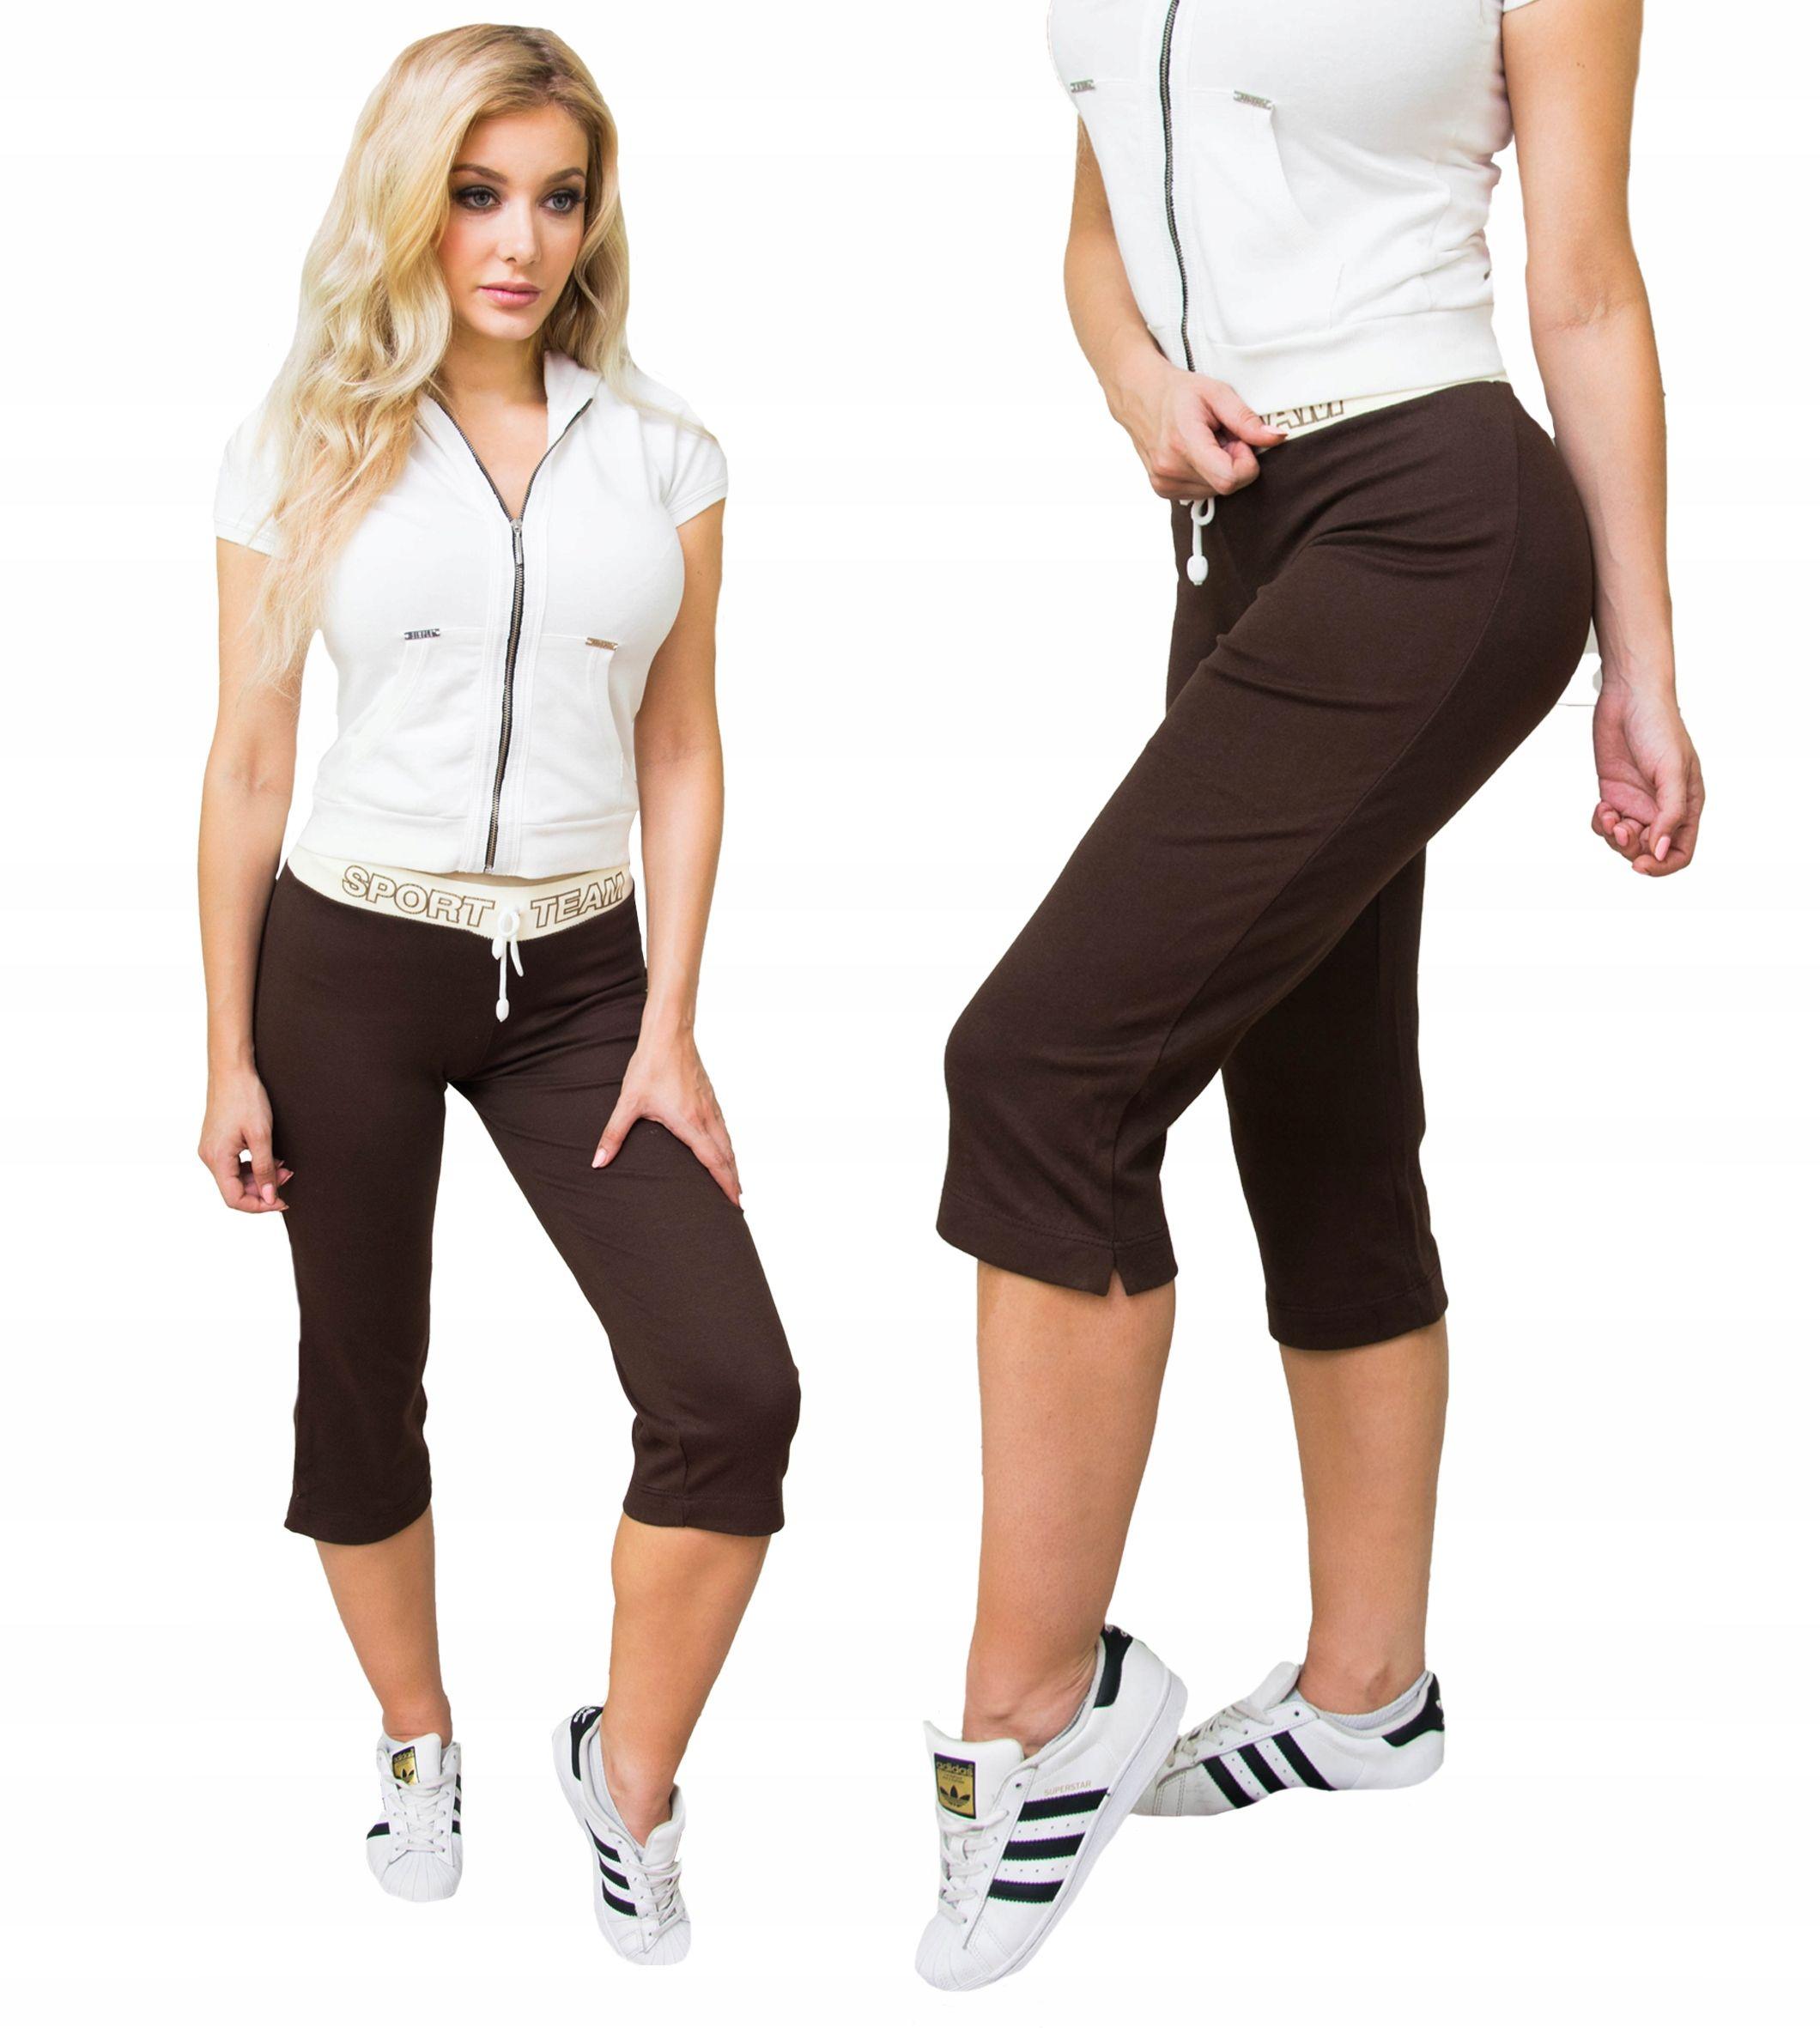 Bawelniane Spodnie Dresowe Oldschool Rybaczki S M 8455206695 Oficjalne Archiwum Allegro Fashion Capri Pants Pants